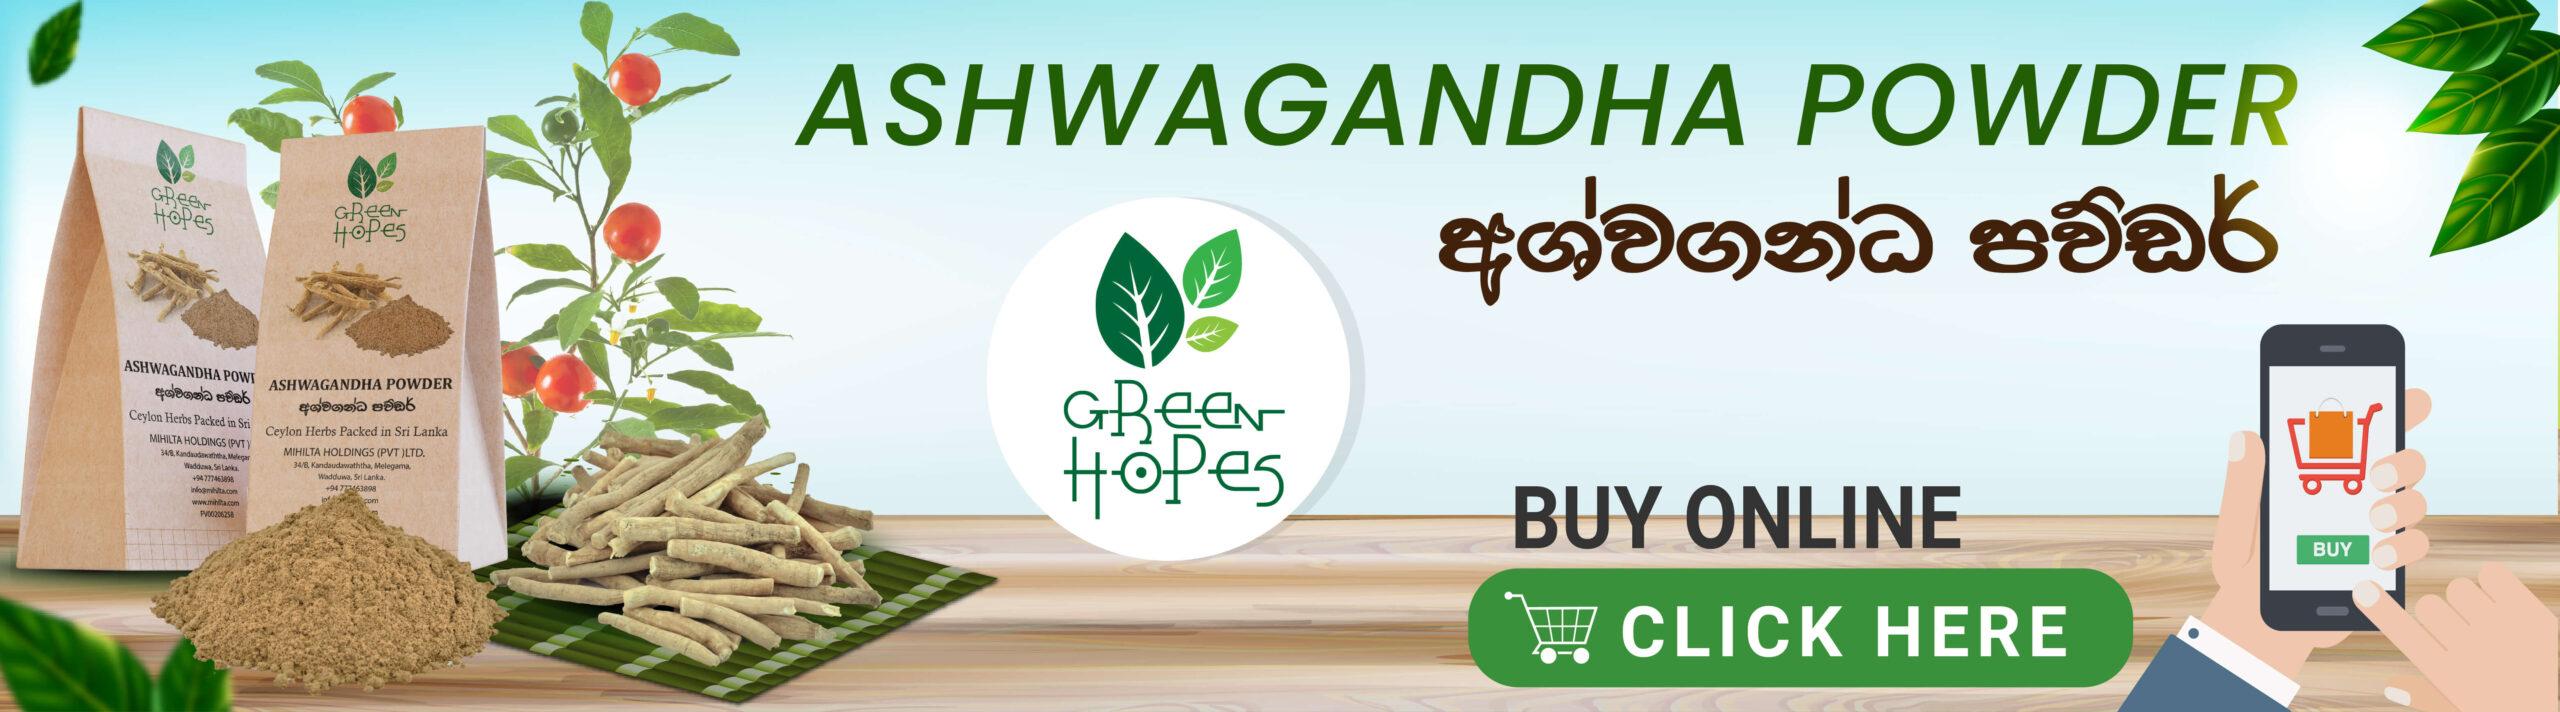 Greenhopes-